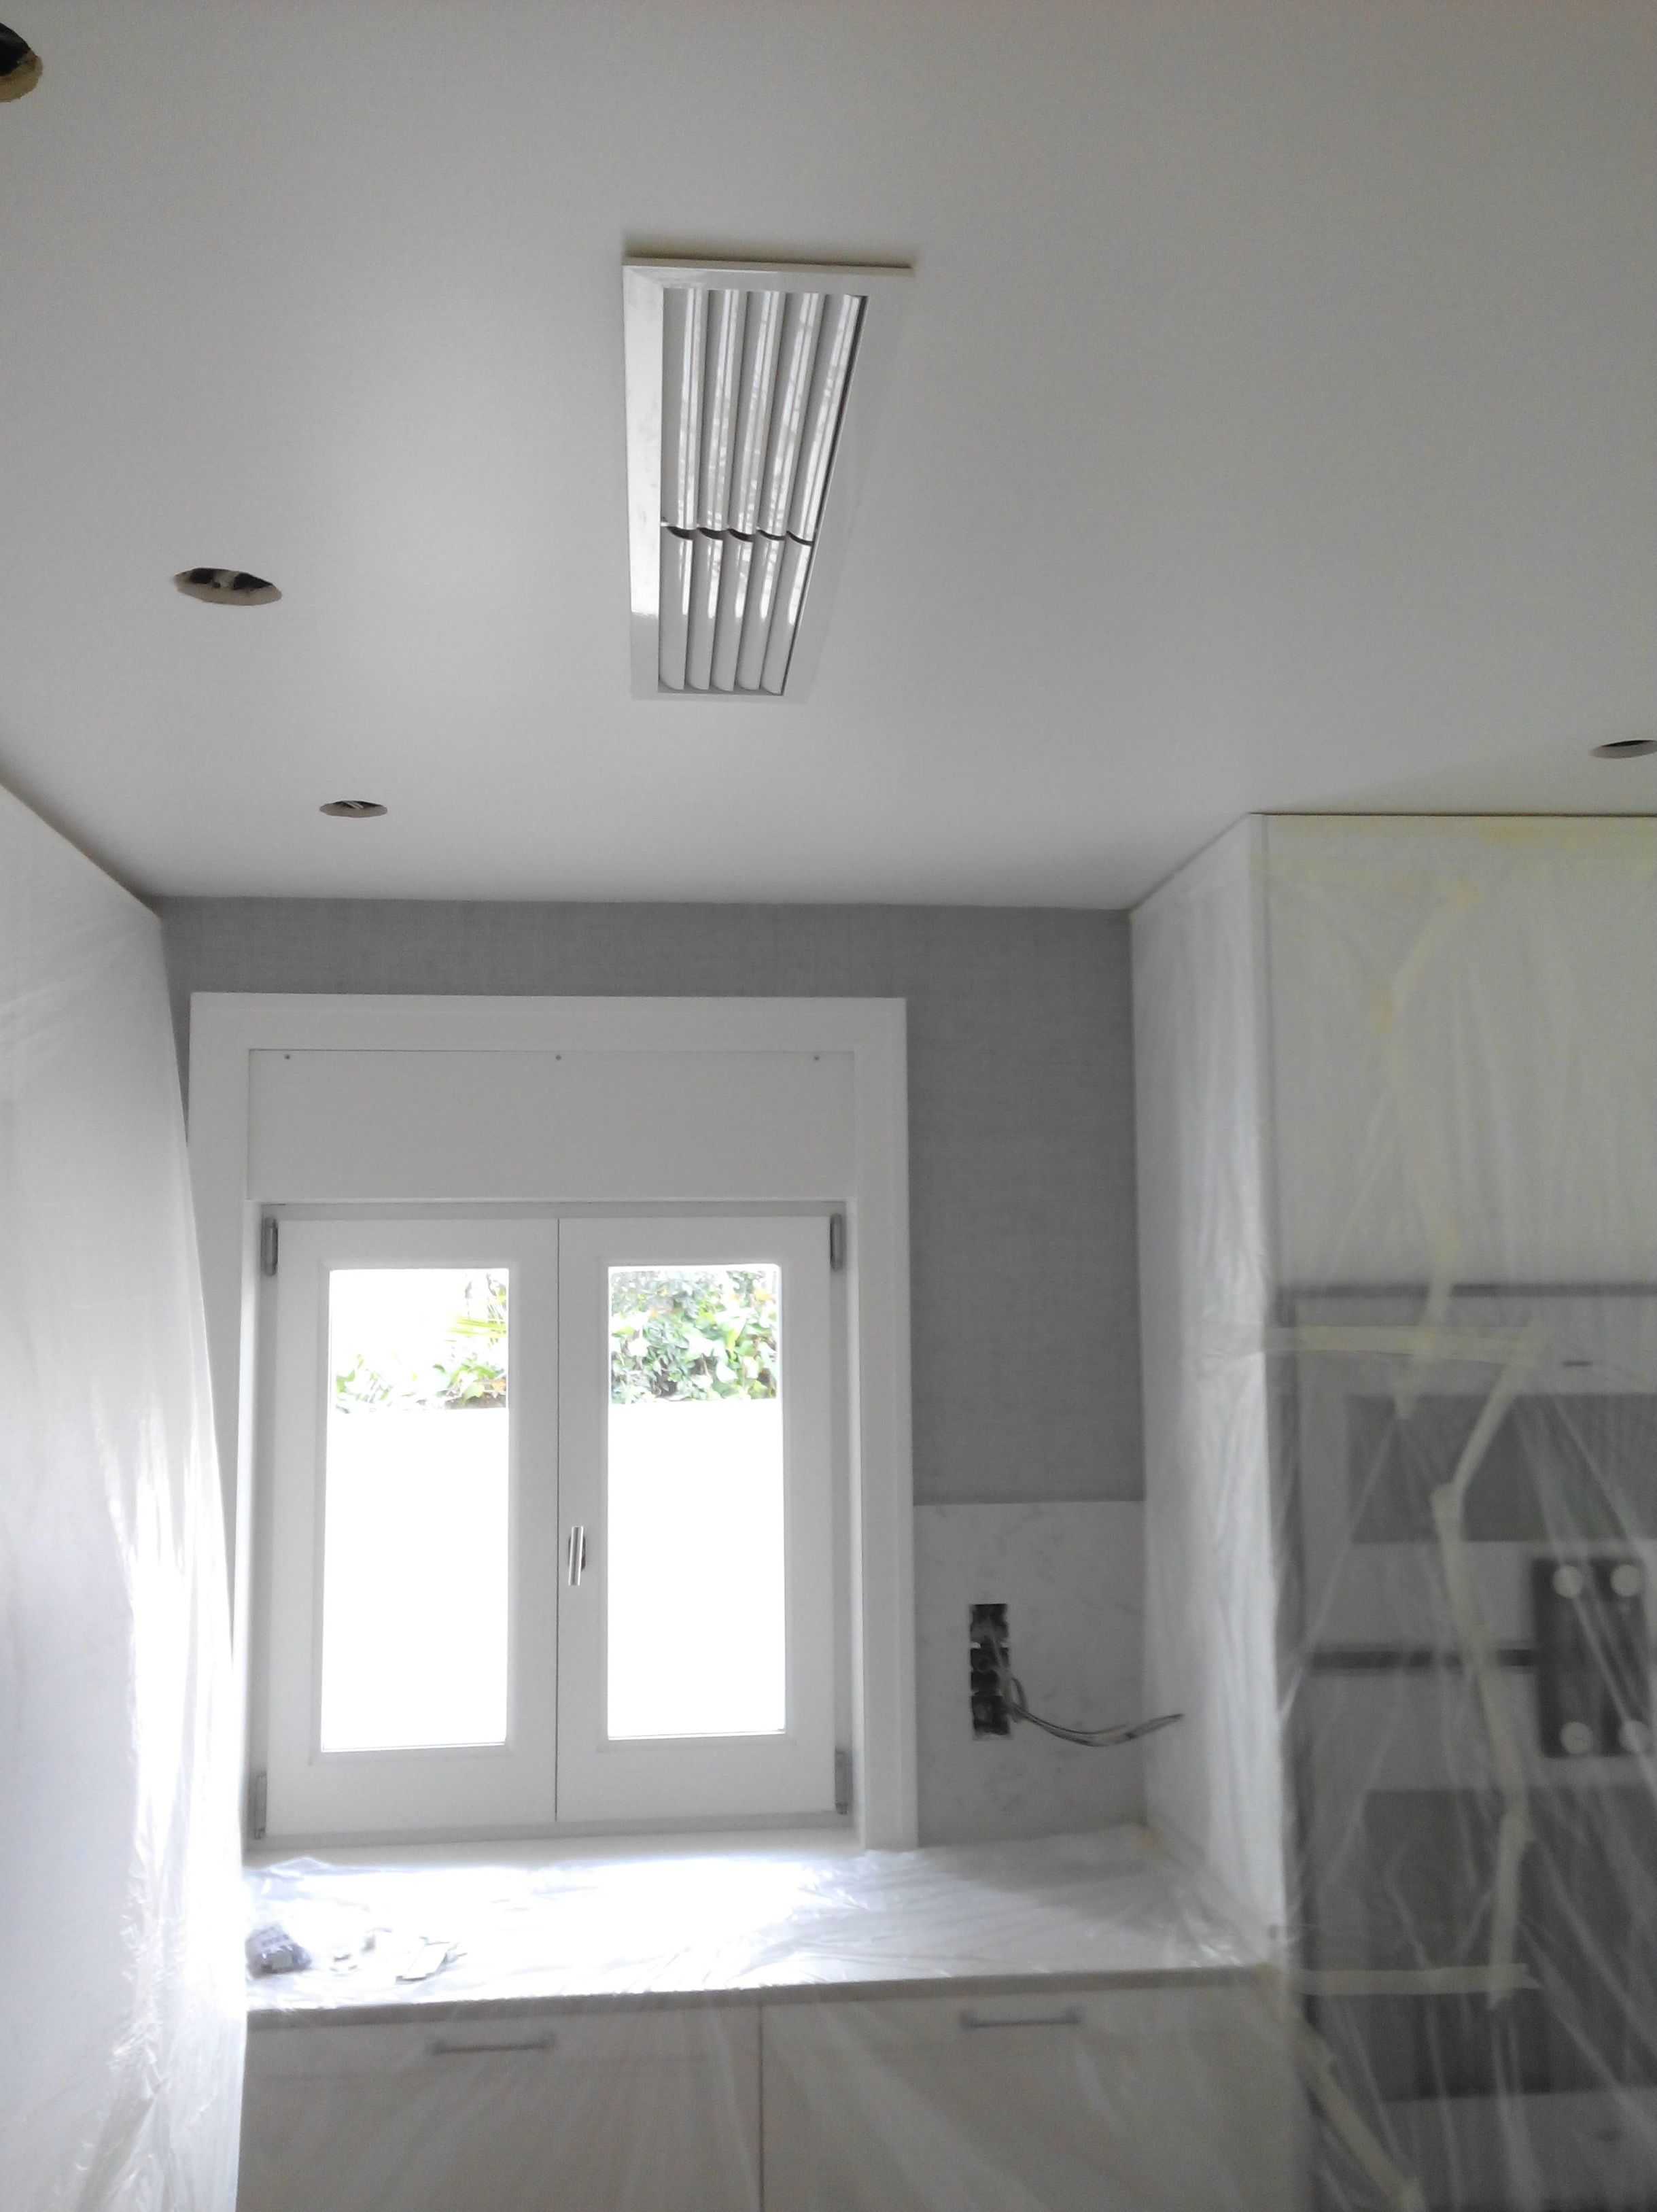 Aire acondicionado por conductos en cocina